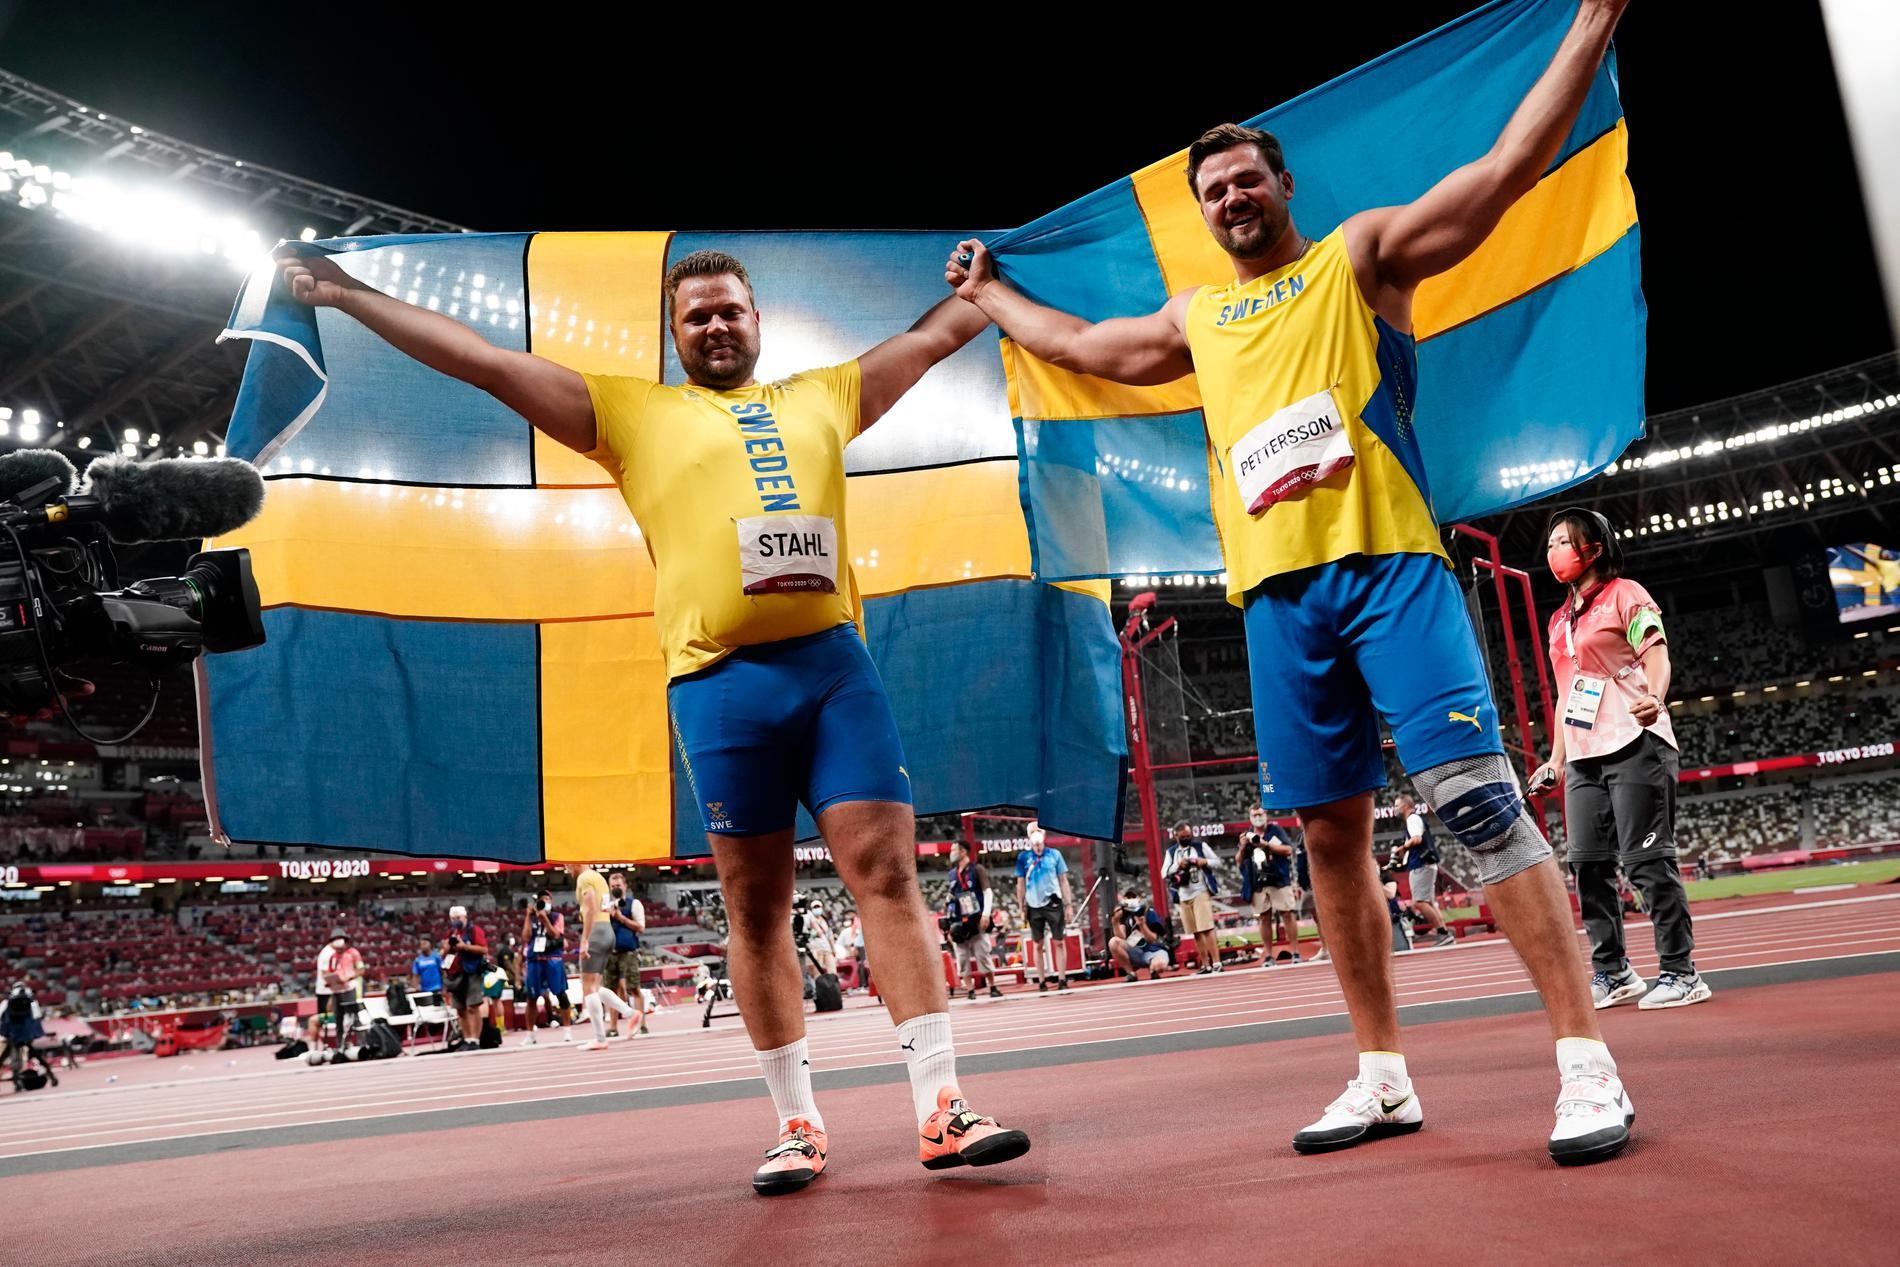 TOKYO 20210731 Sveriges Daniel Ståhl och Simon Pettersson firar efter diskusfinalen under sommar-OS i Tokyo. Foto Björn Larsson Rosvall / TT kod 9200 *** Bilden ingår i SPORTPAKET. För övriga BETALBILD **